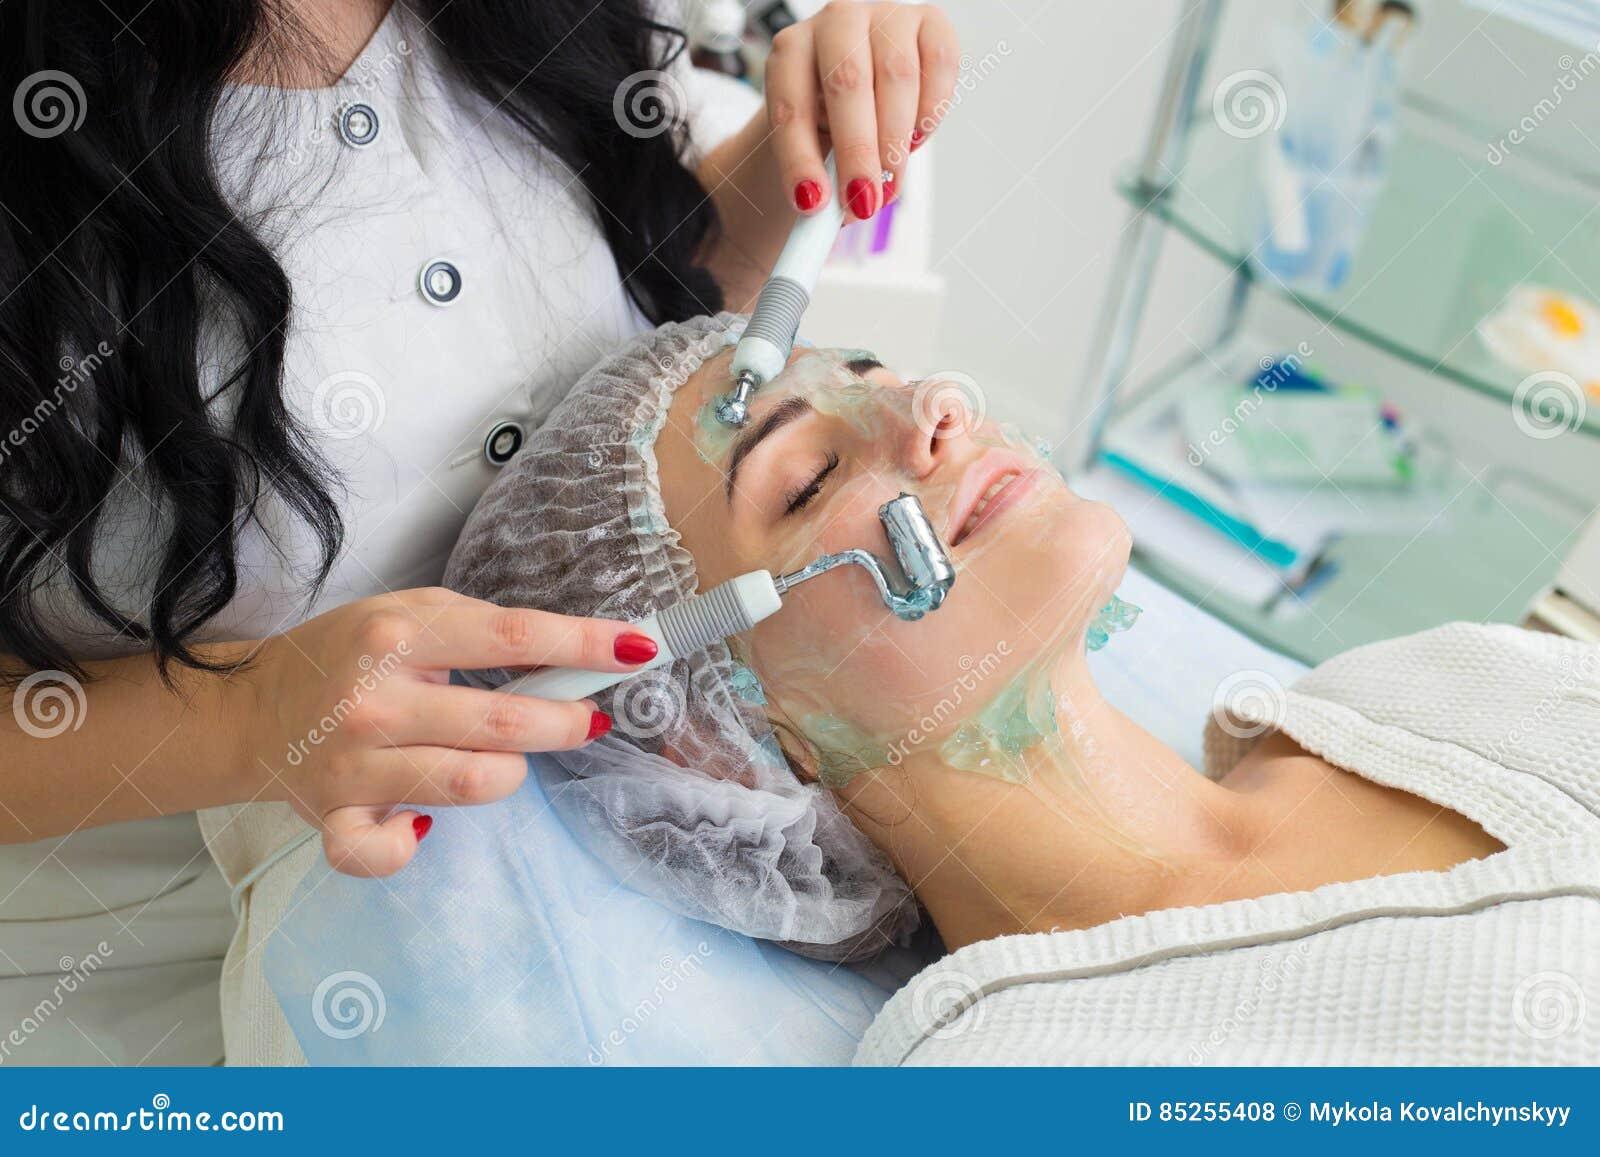 Pacjent otrzymywa procedurę Darsonvald Jego twarz maże z gel